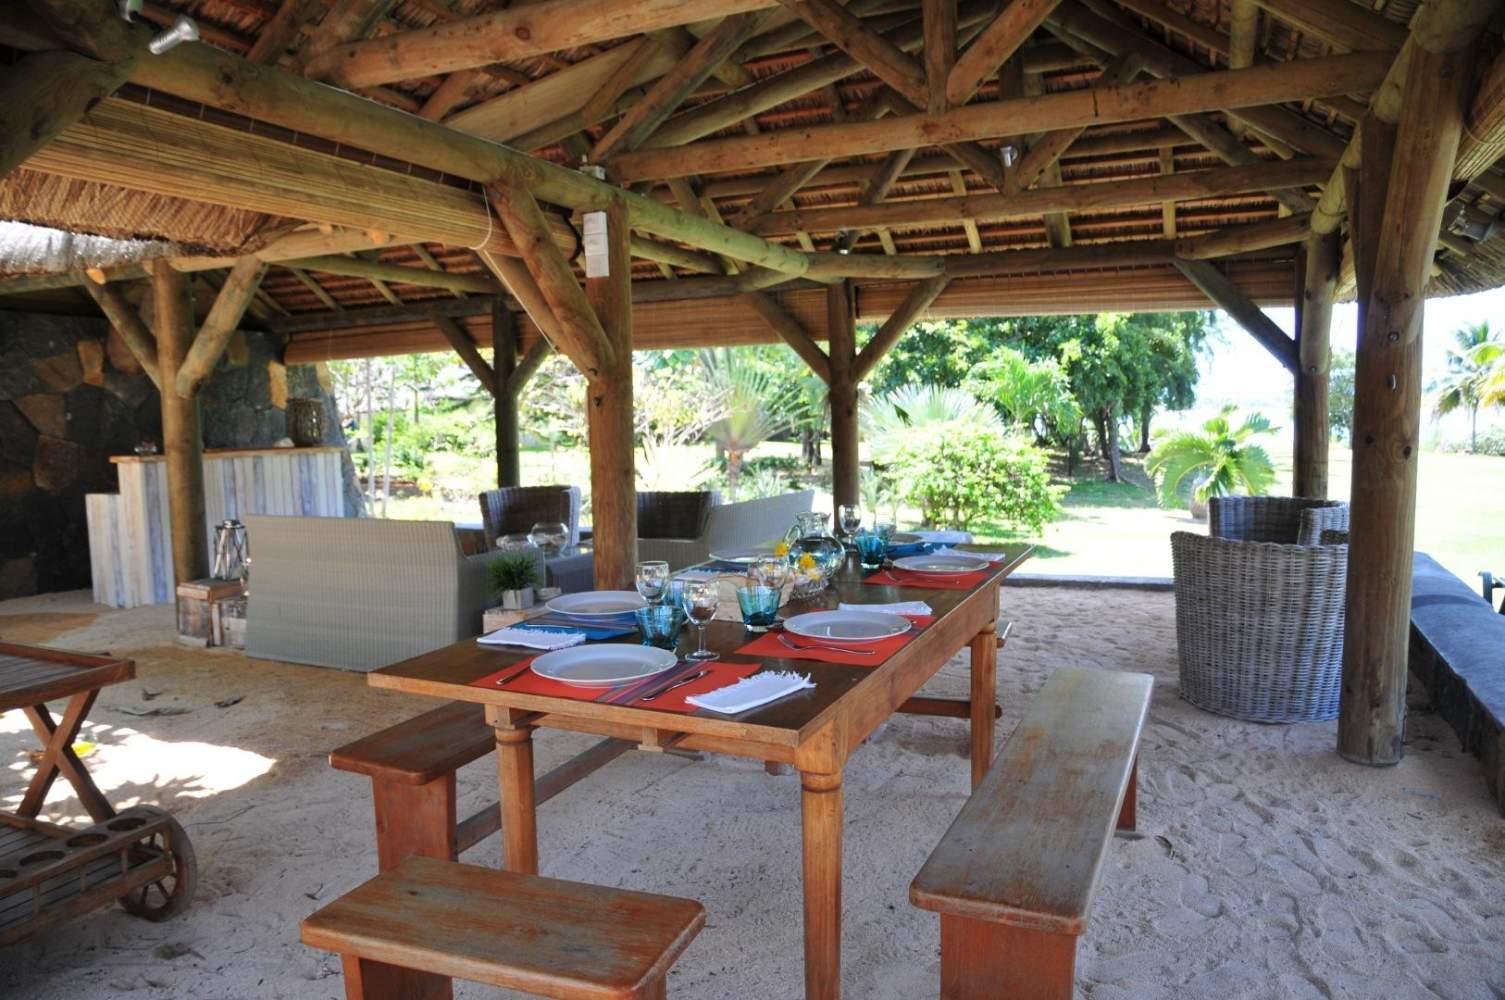 Location villa hammamet avec piscine priv e et vue mer en for Salon 5 etoiles tunisie